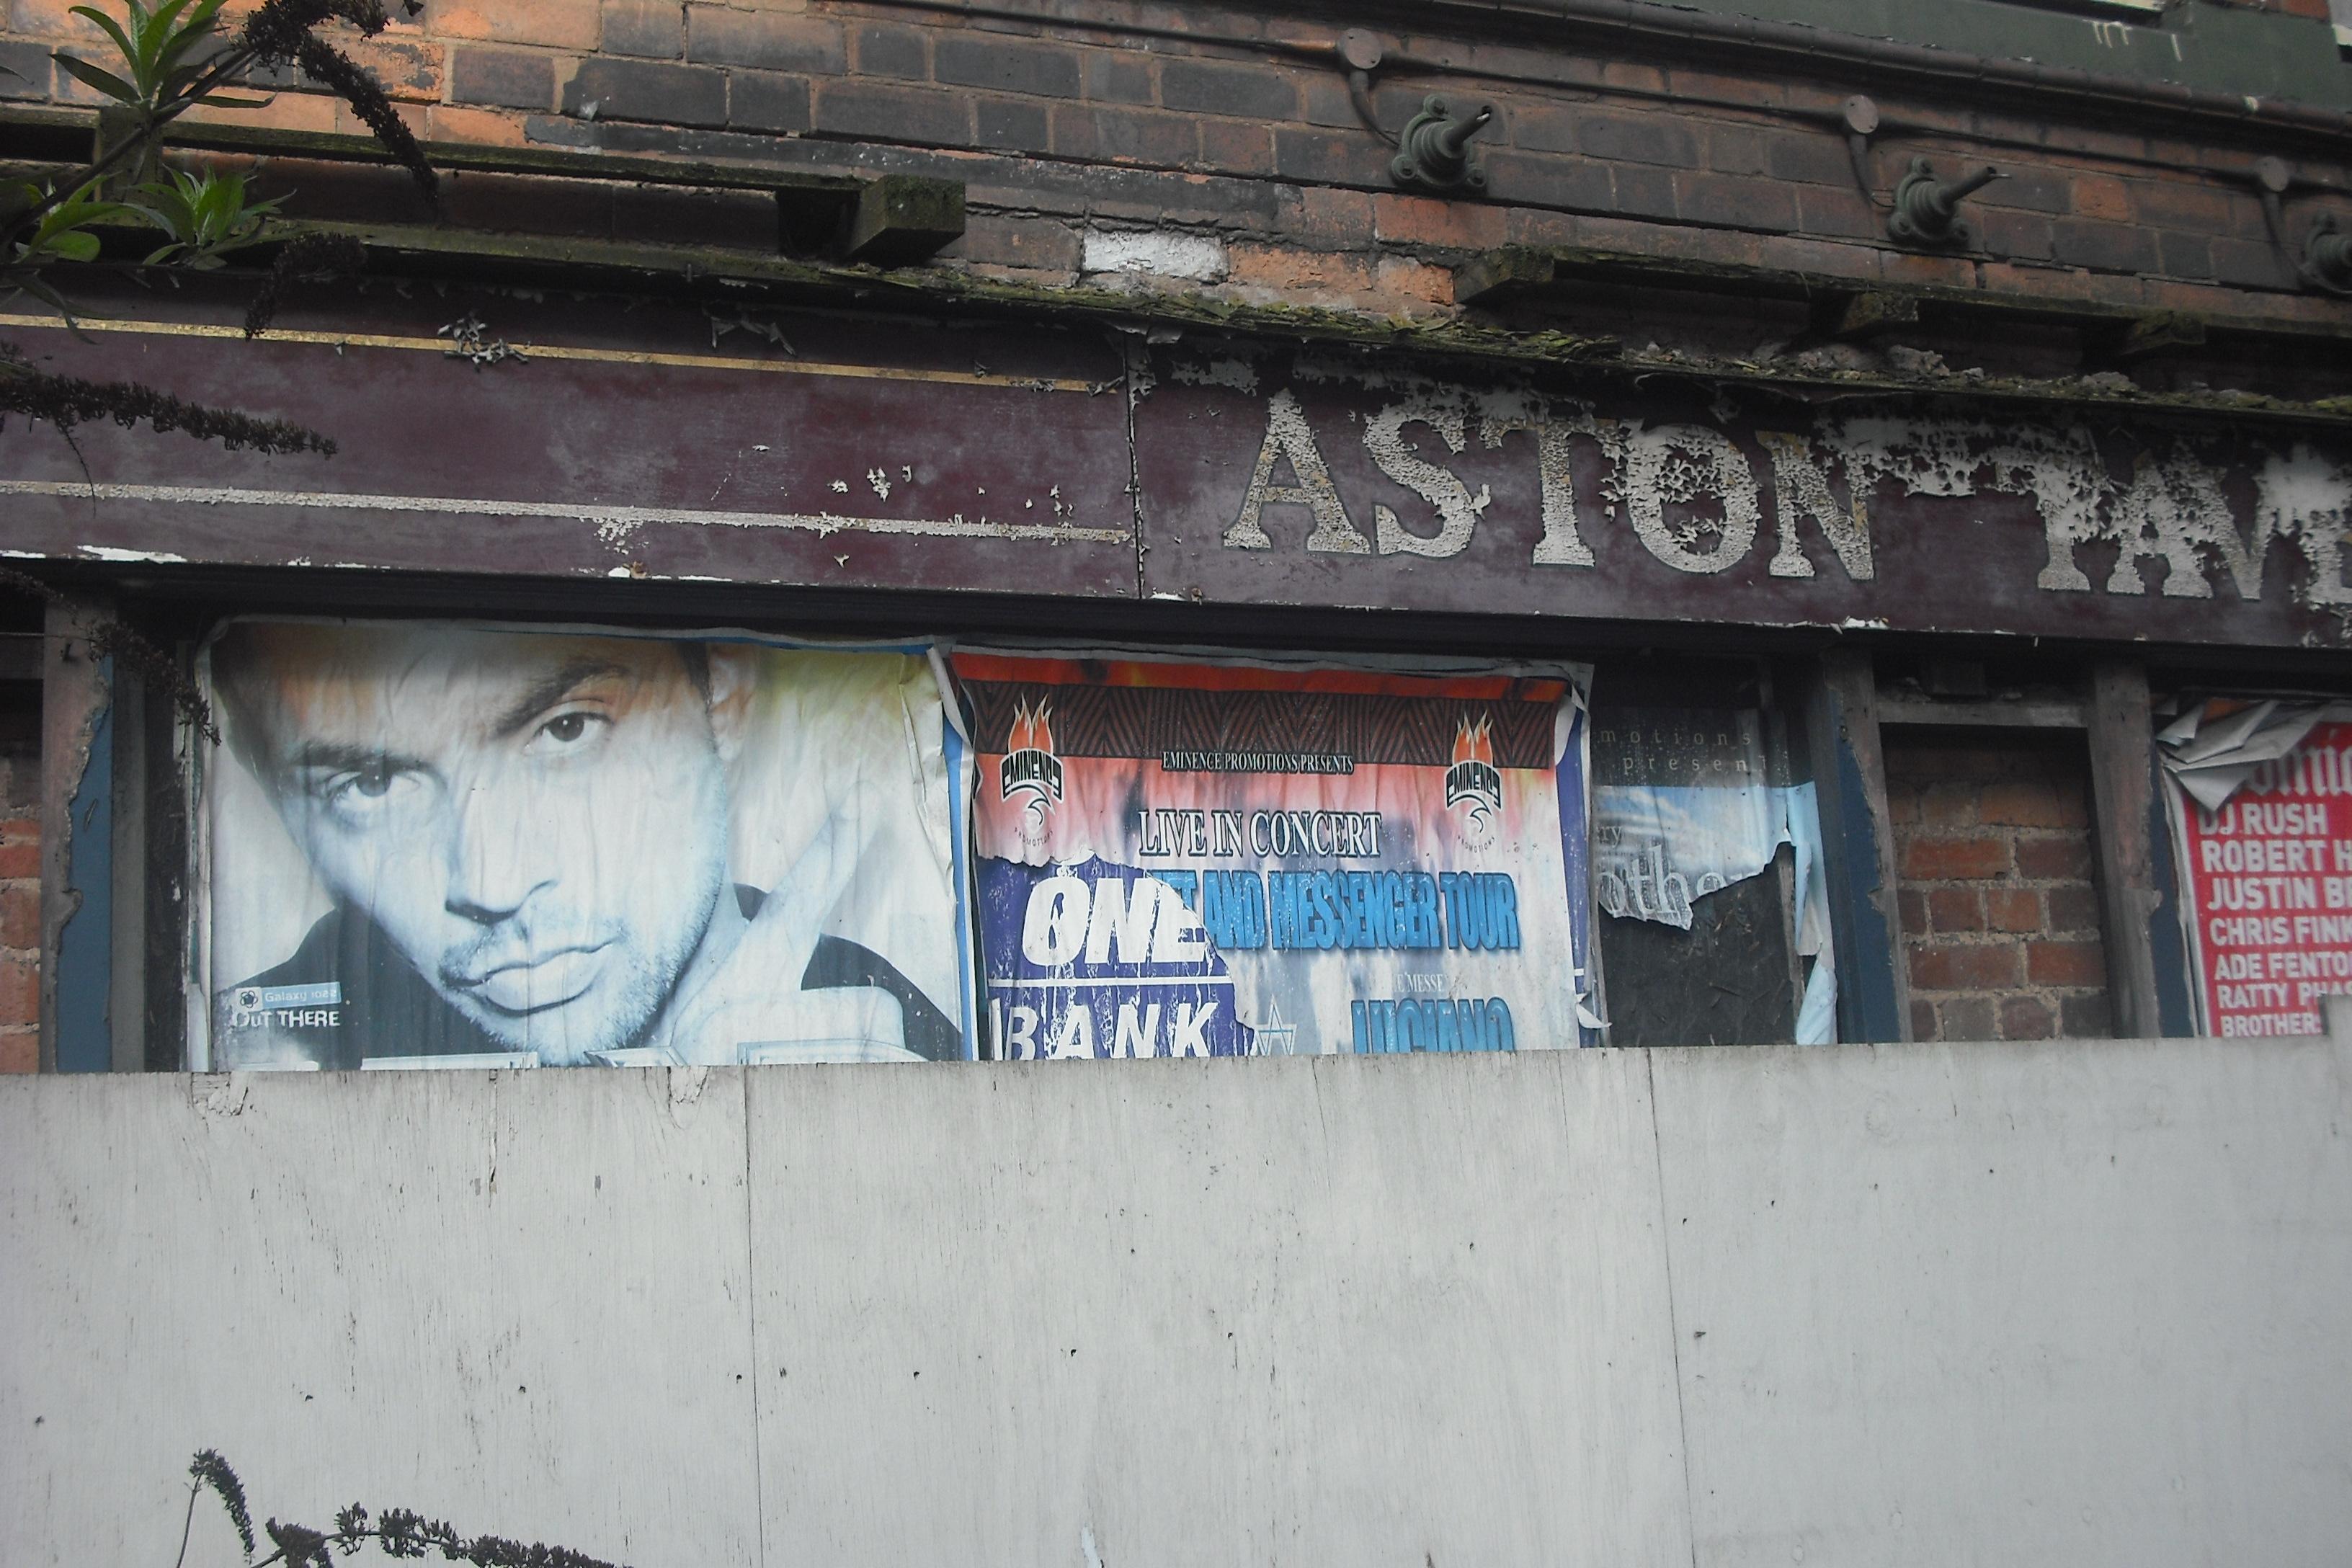 Aston Tavern Derelict